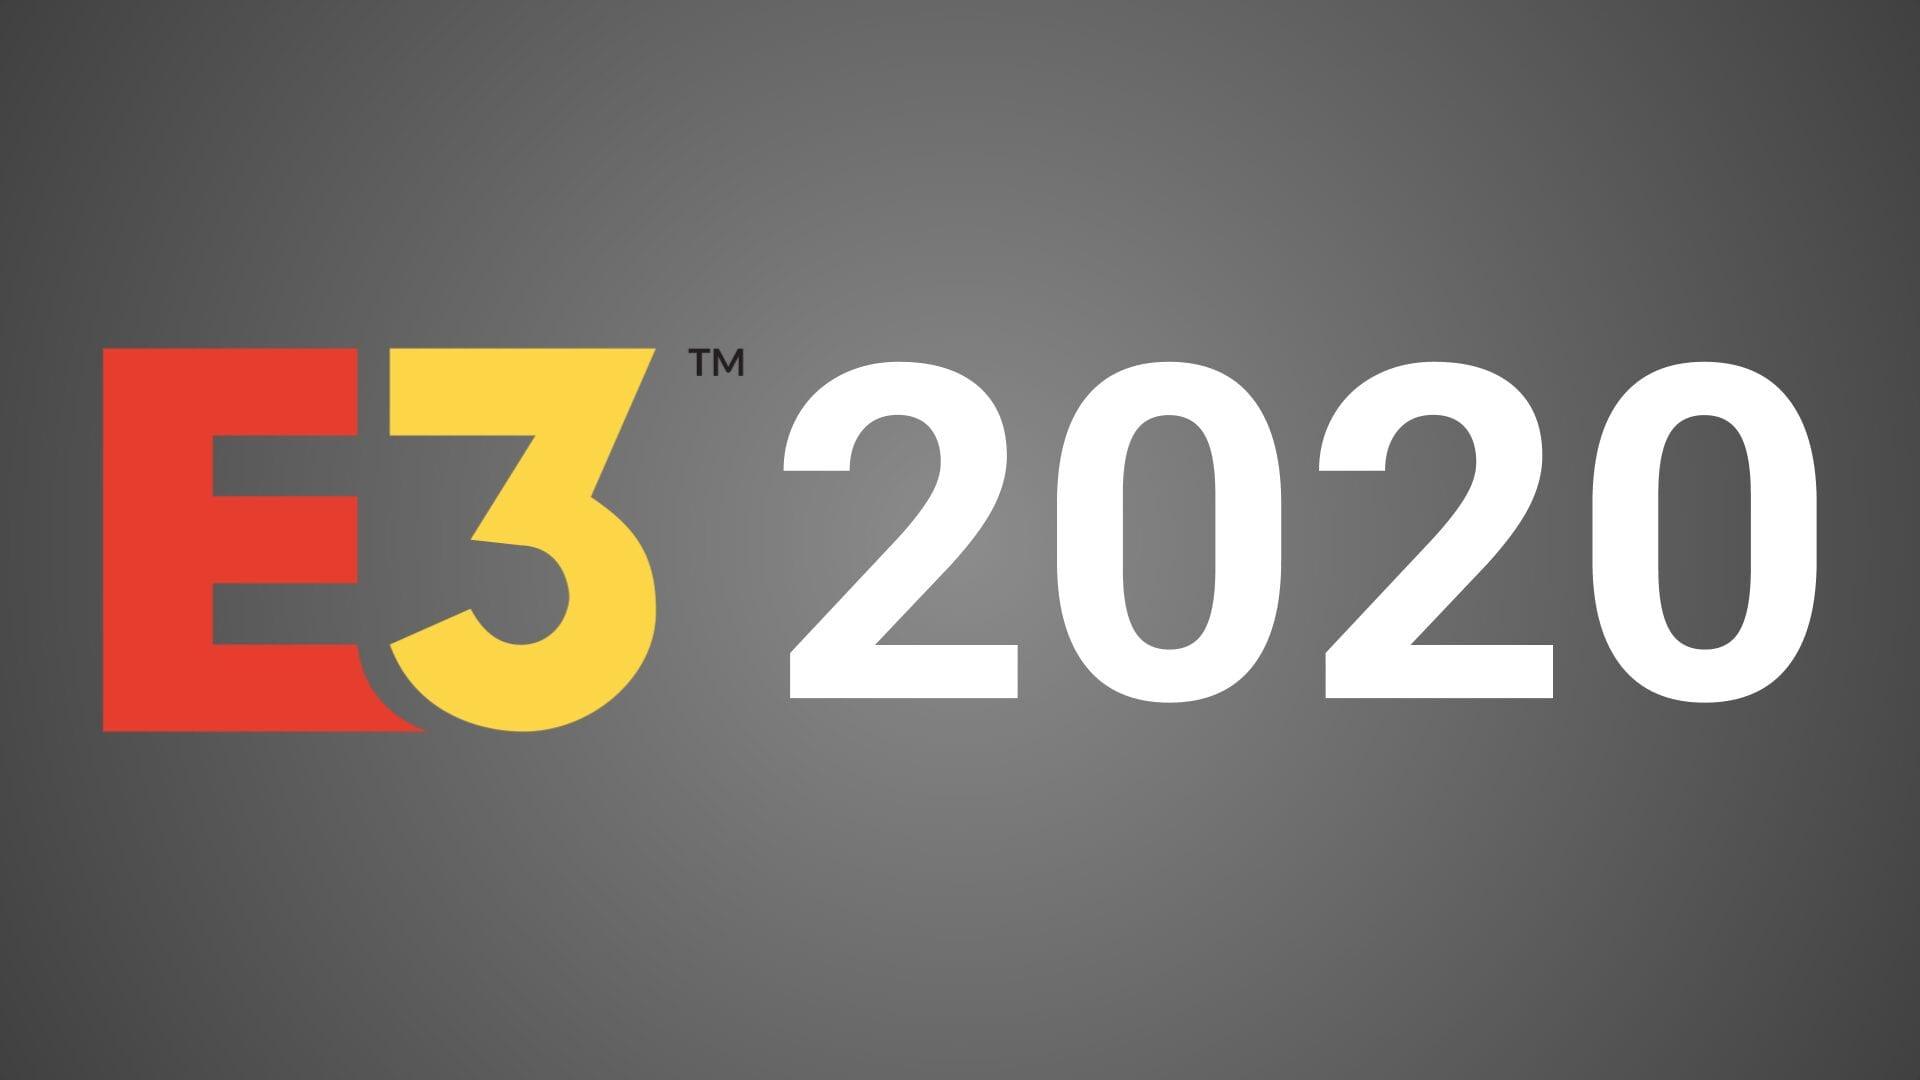 Выставка E3 2020 официально отменена